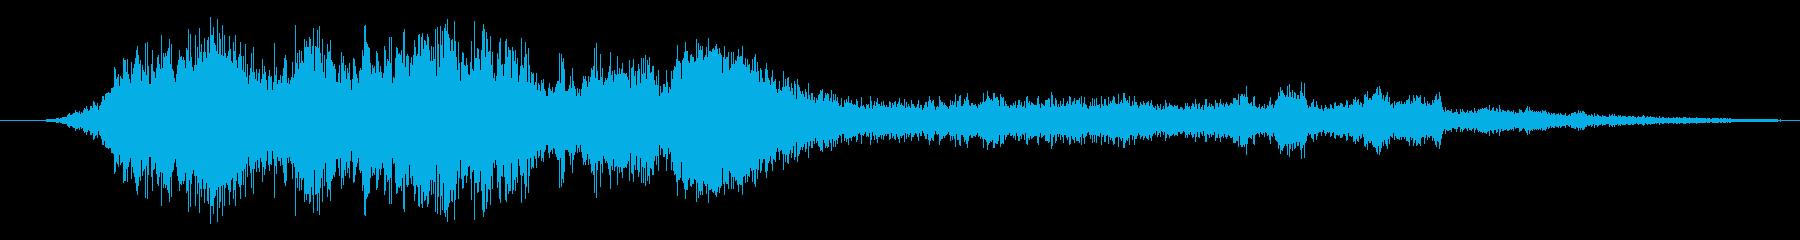 爆竹ファイアホイール花火の再生済みの波形